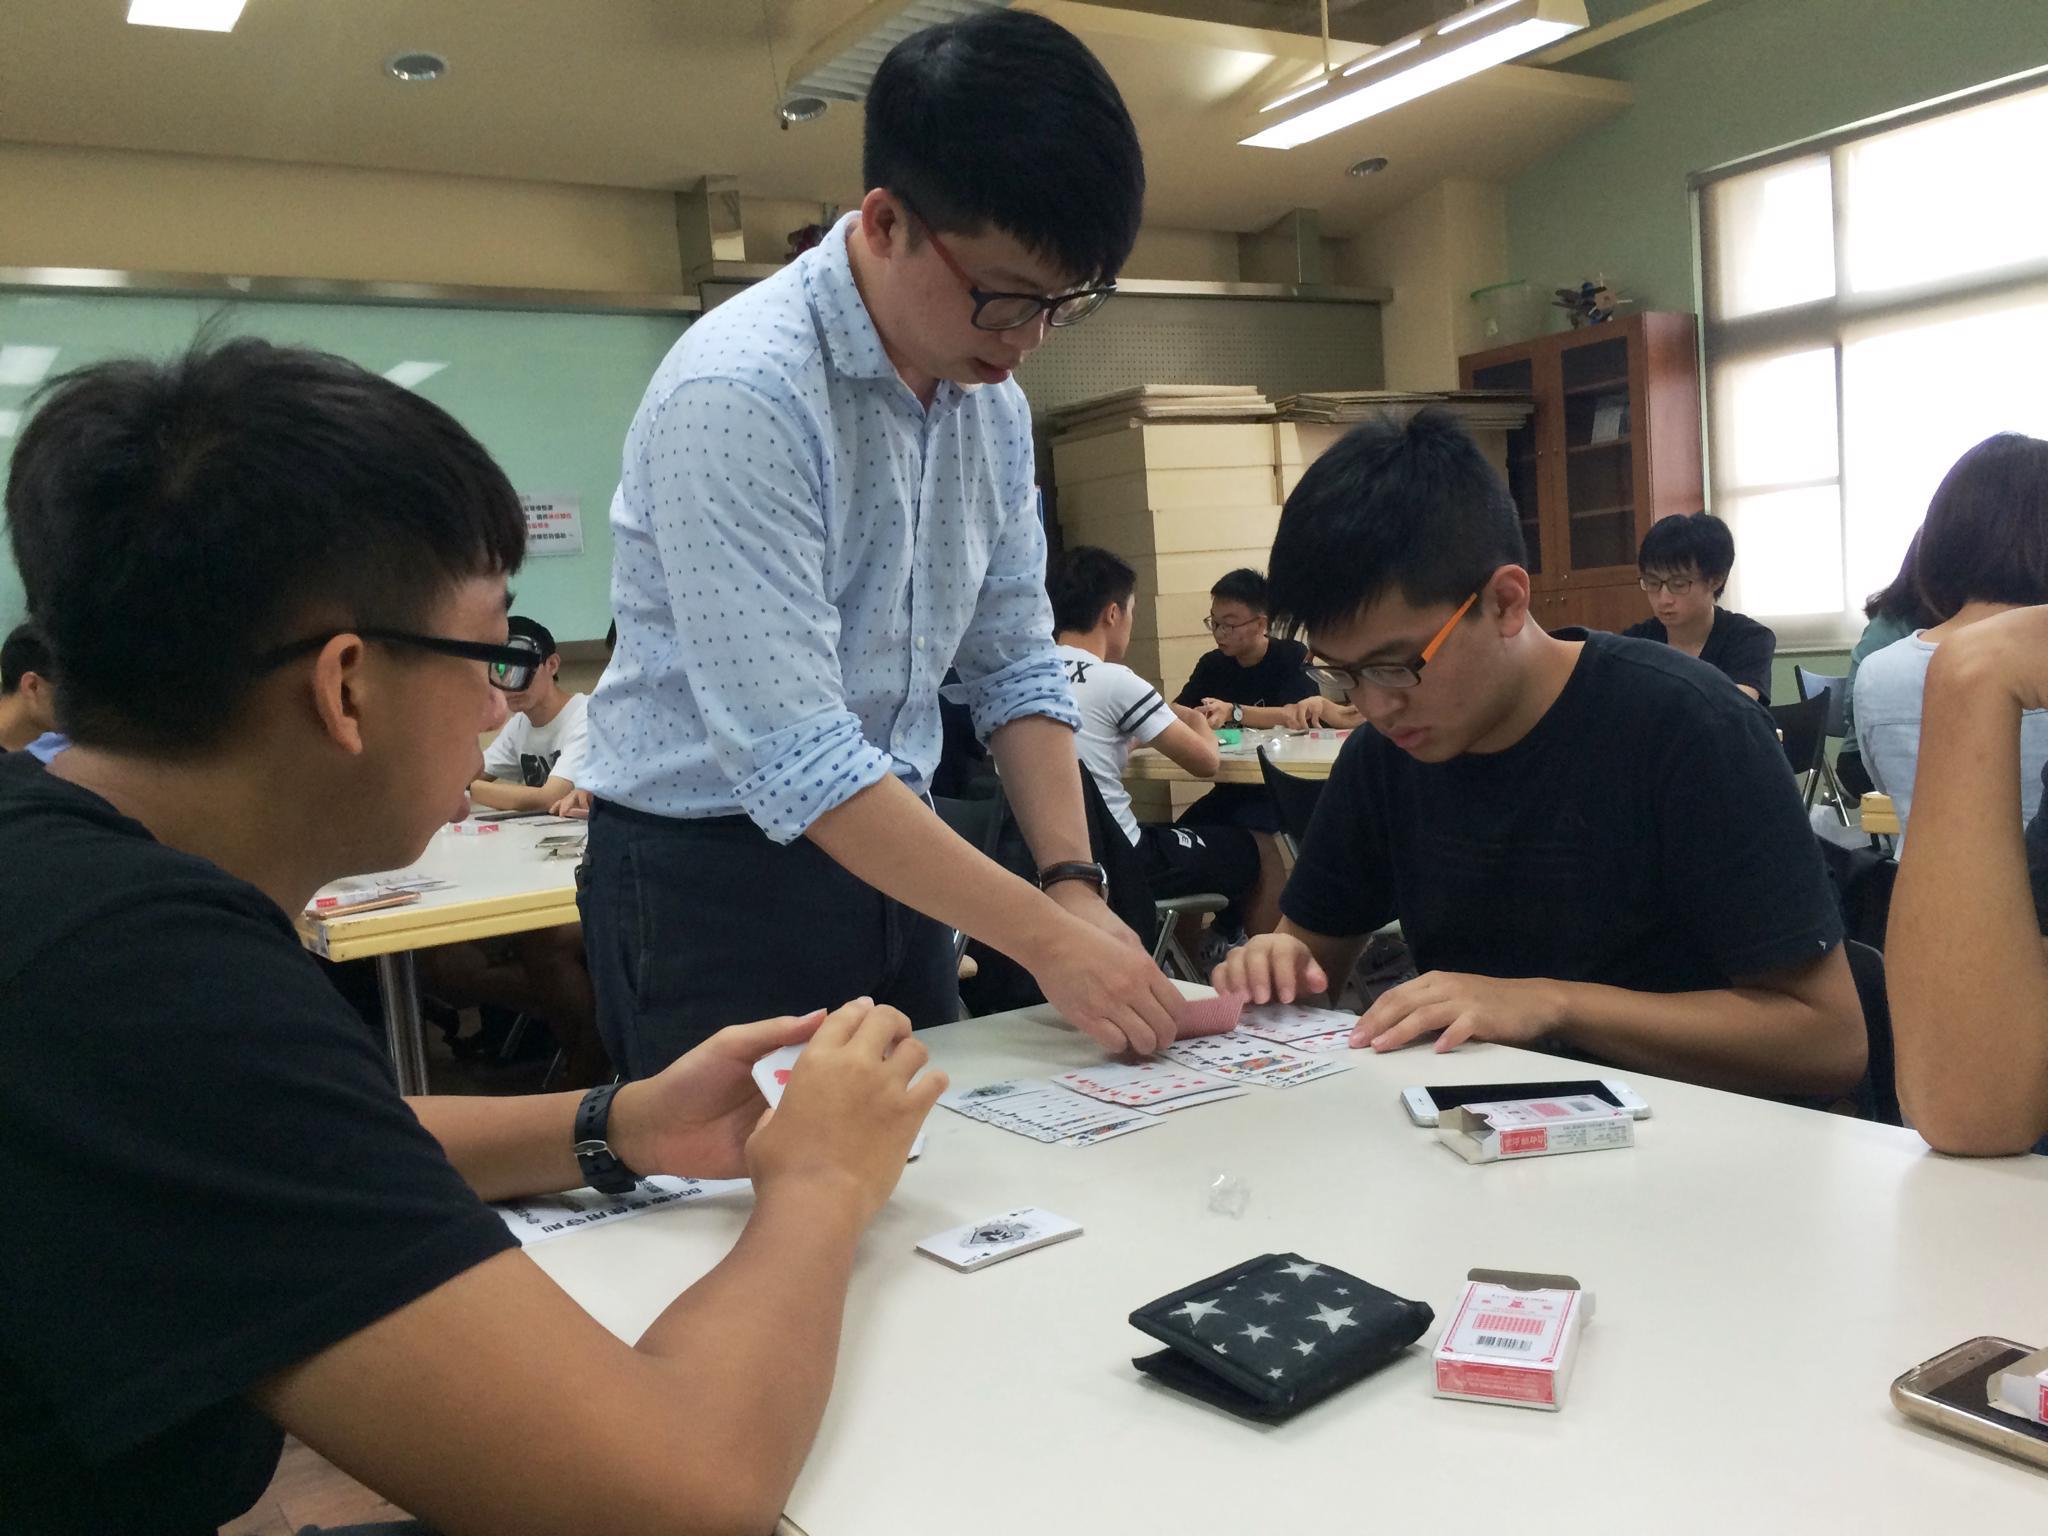 通稿照片5-「數學魔法師」莊惟棟老師帶領學生進行抽換紙牌魔術遊戲。.JPG